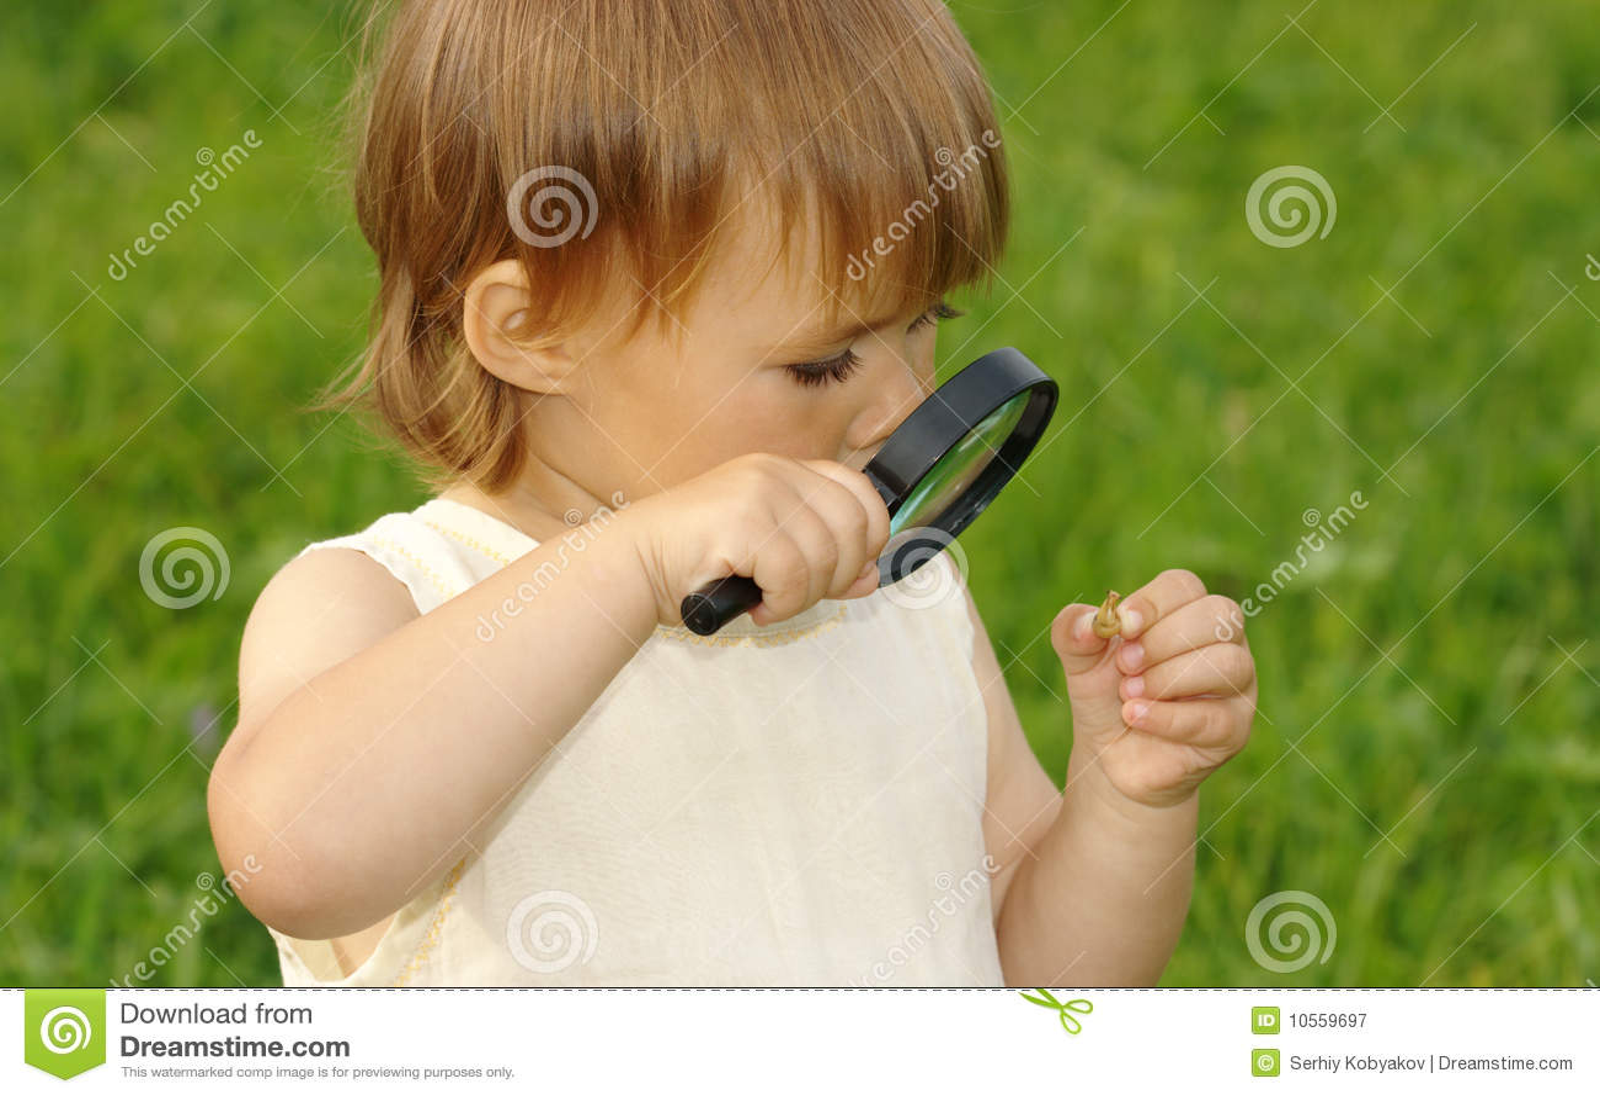 Kind, das Schnecke durch Vergrößerungsglas betrachtet